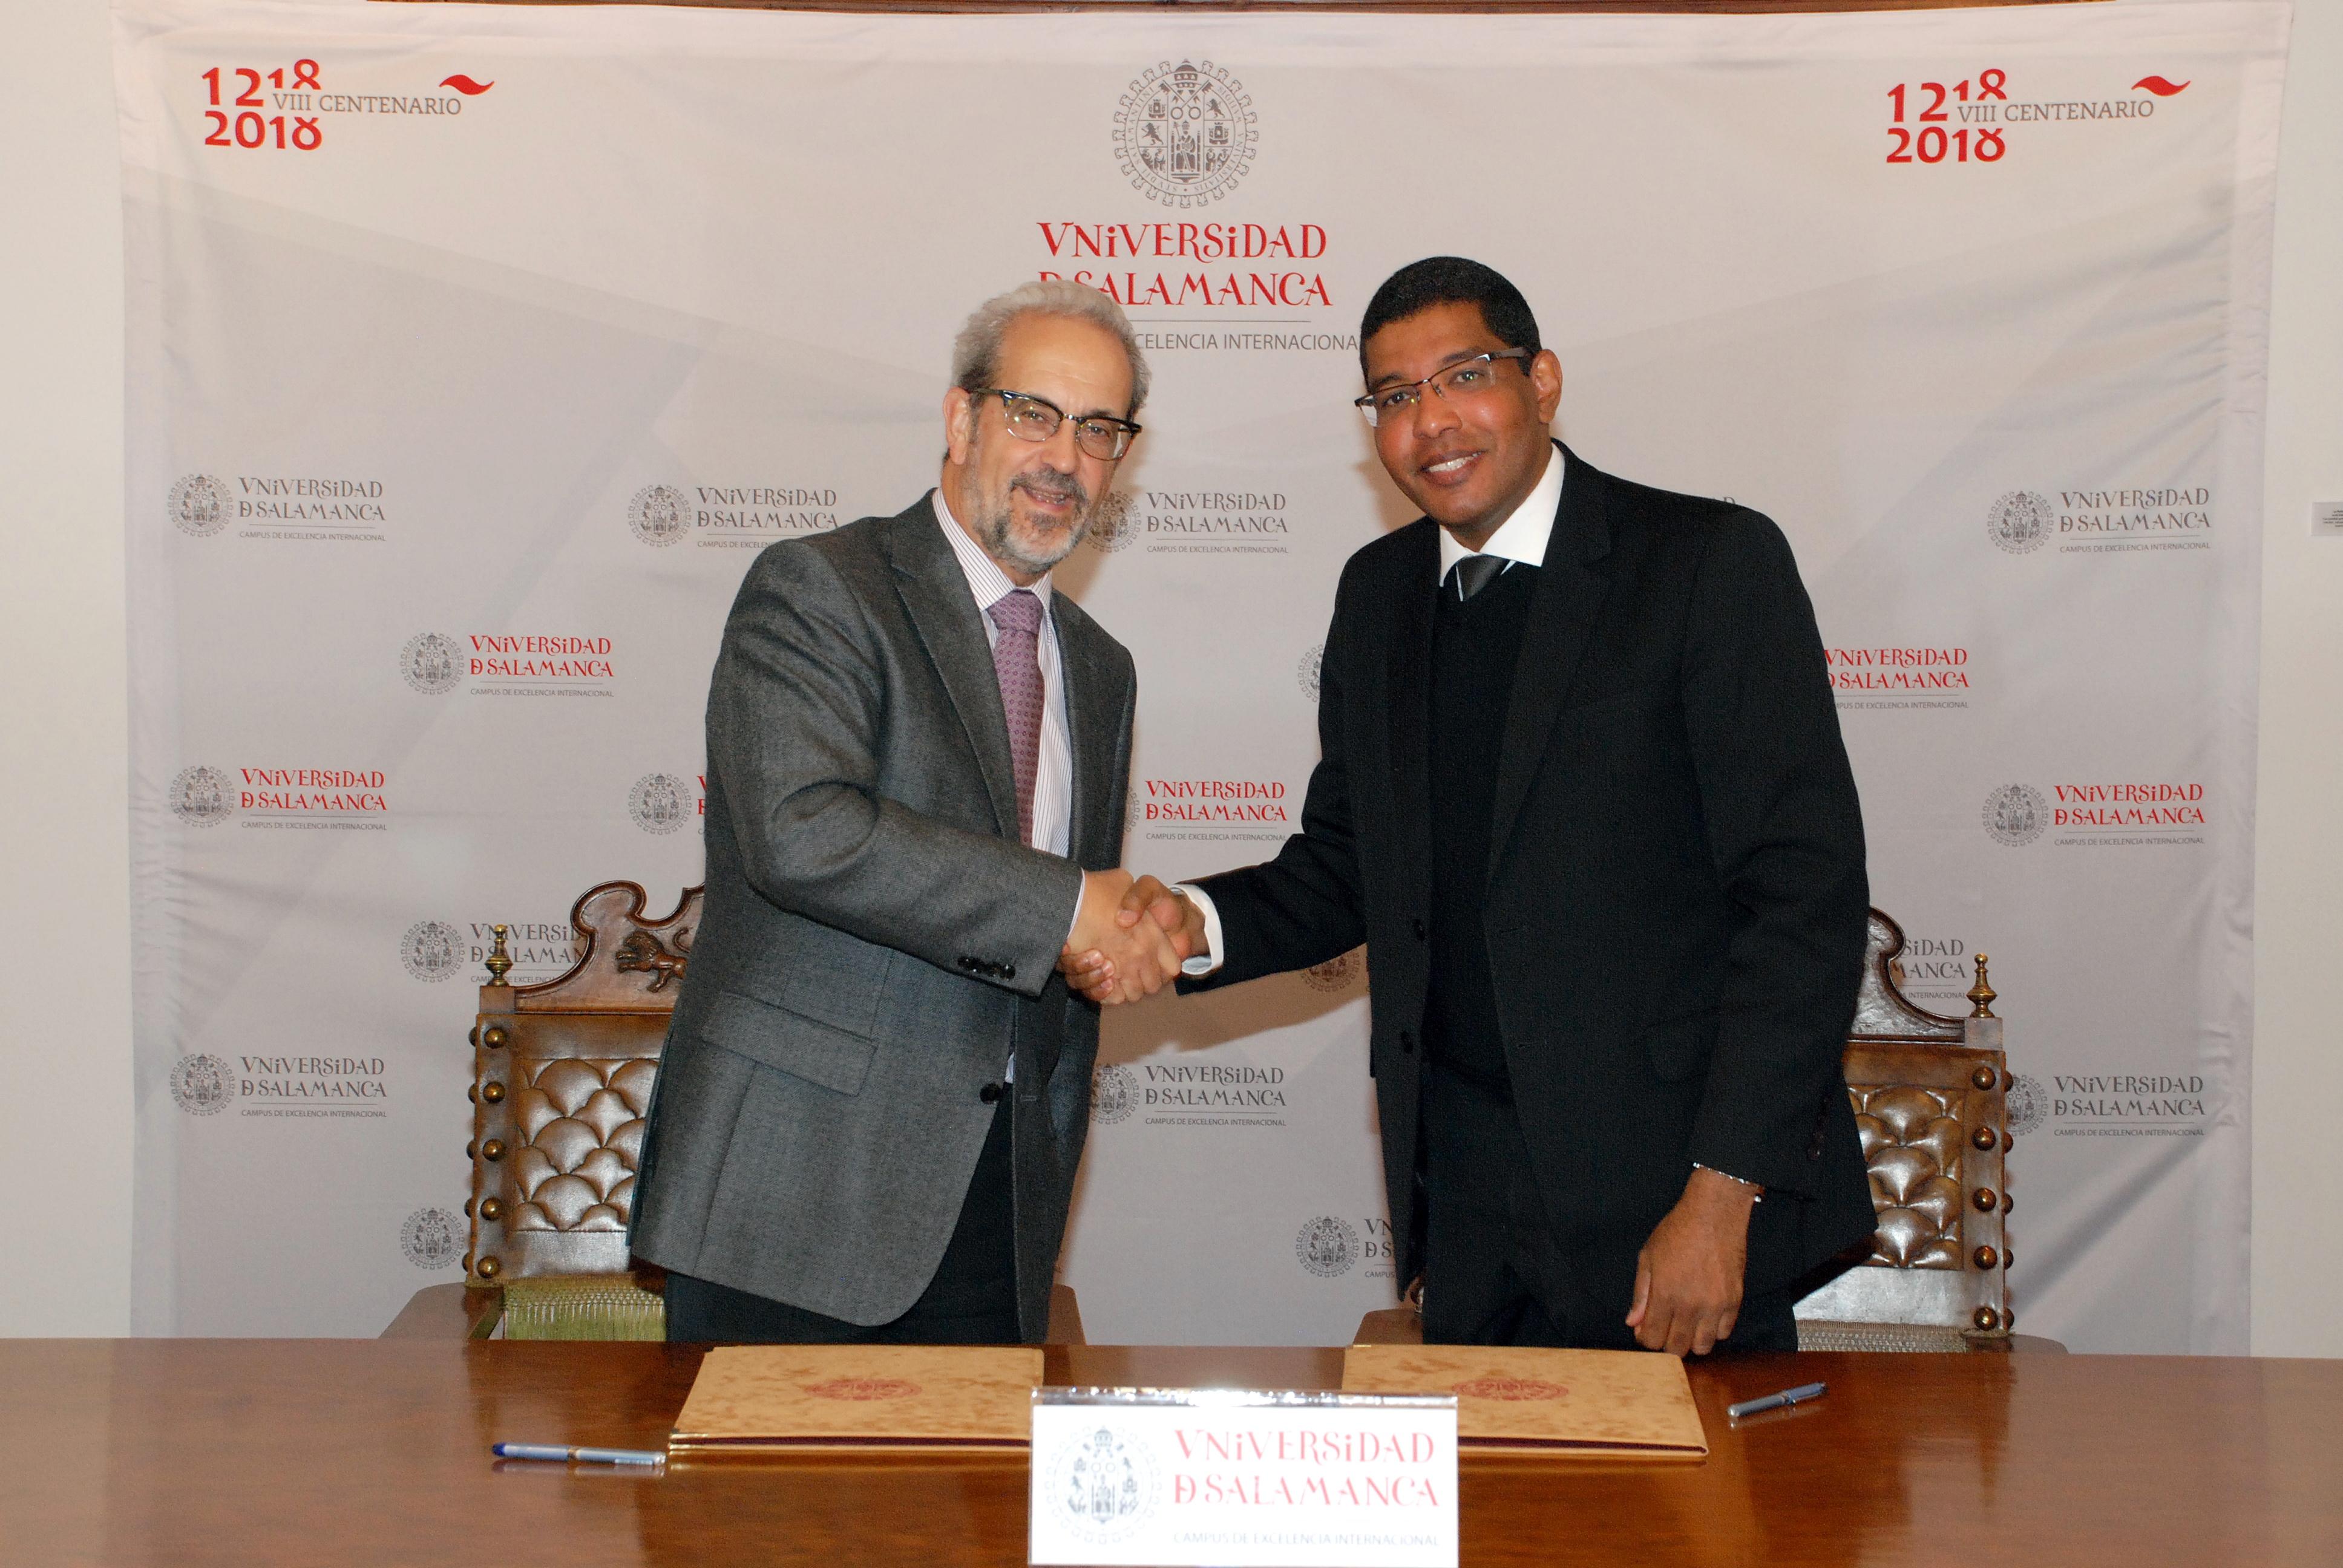 La Universidad de Salamanca y la Universidade Católica do Salvador suscriben un convenio marco de cooperación y colaboración institucional